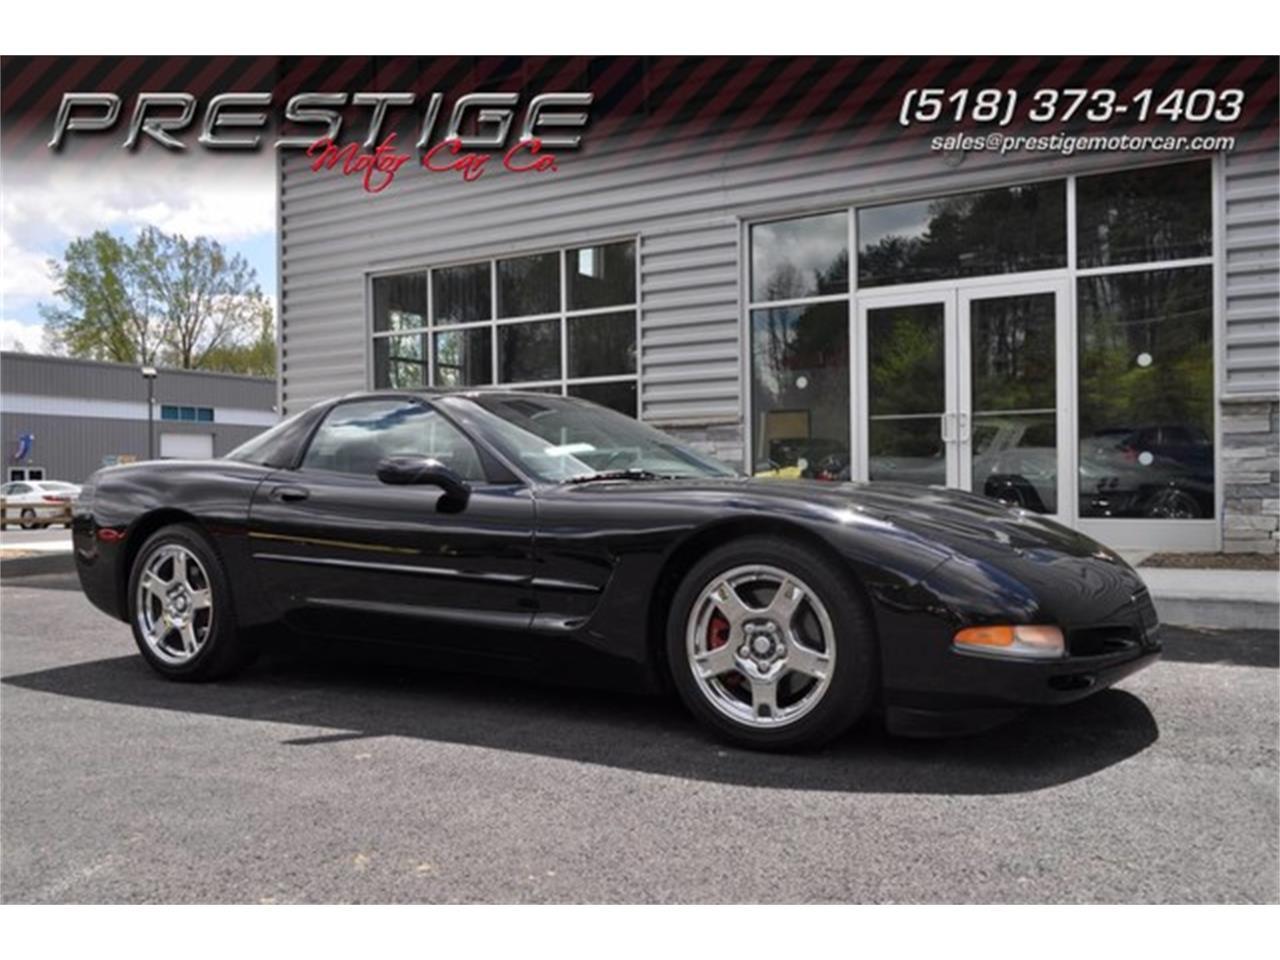 1997 Corvette For Sale >> For Sale 1997 Chevrolet Corvette In Clifton Park New York